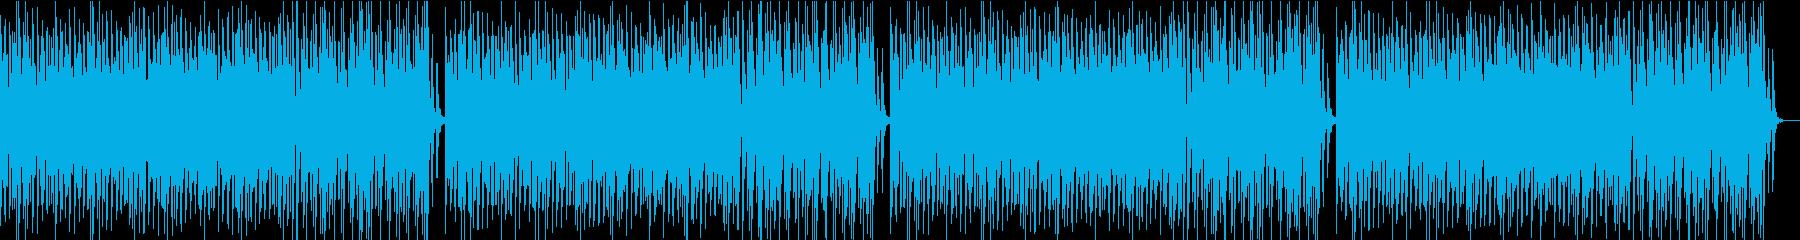 コミカルオーケストラ/静かめの再生済みの波形